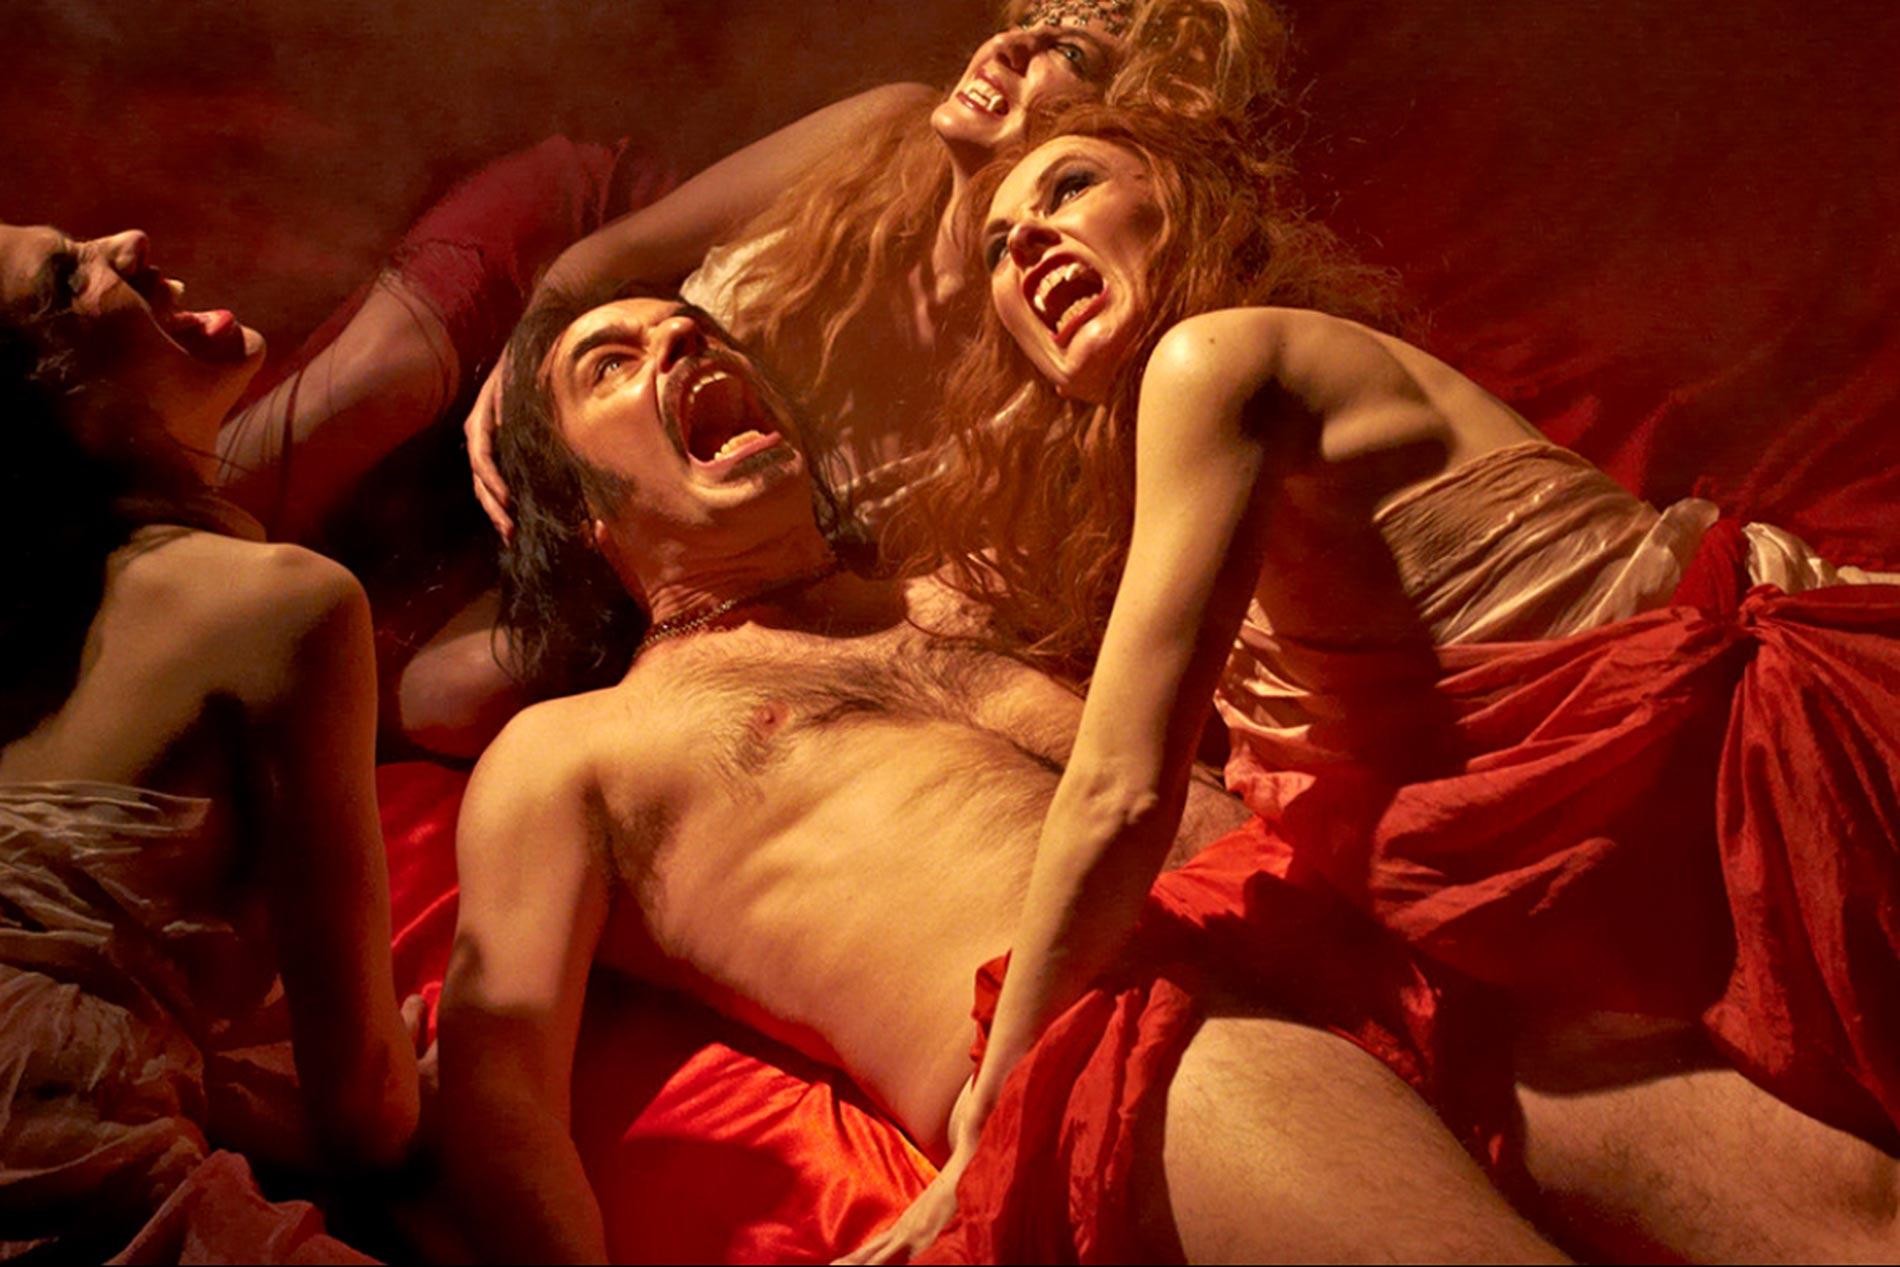 Silent era erotic movies — pic 5